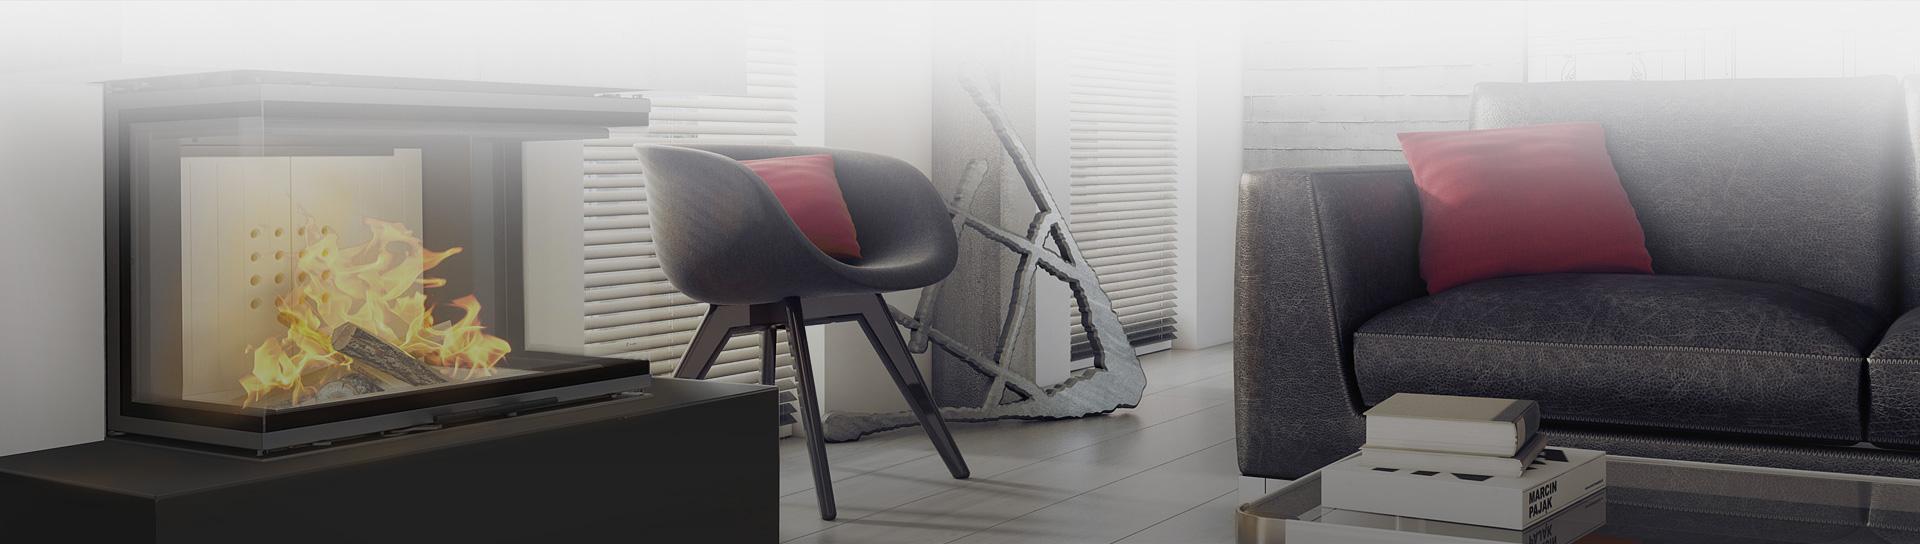 Designerski kominek w nowoczesnym pokoju